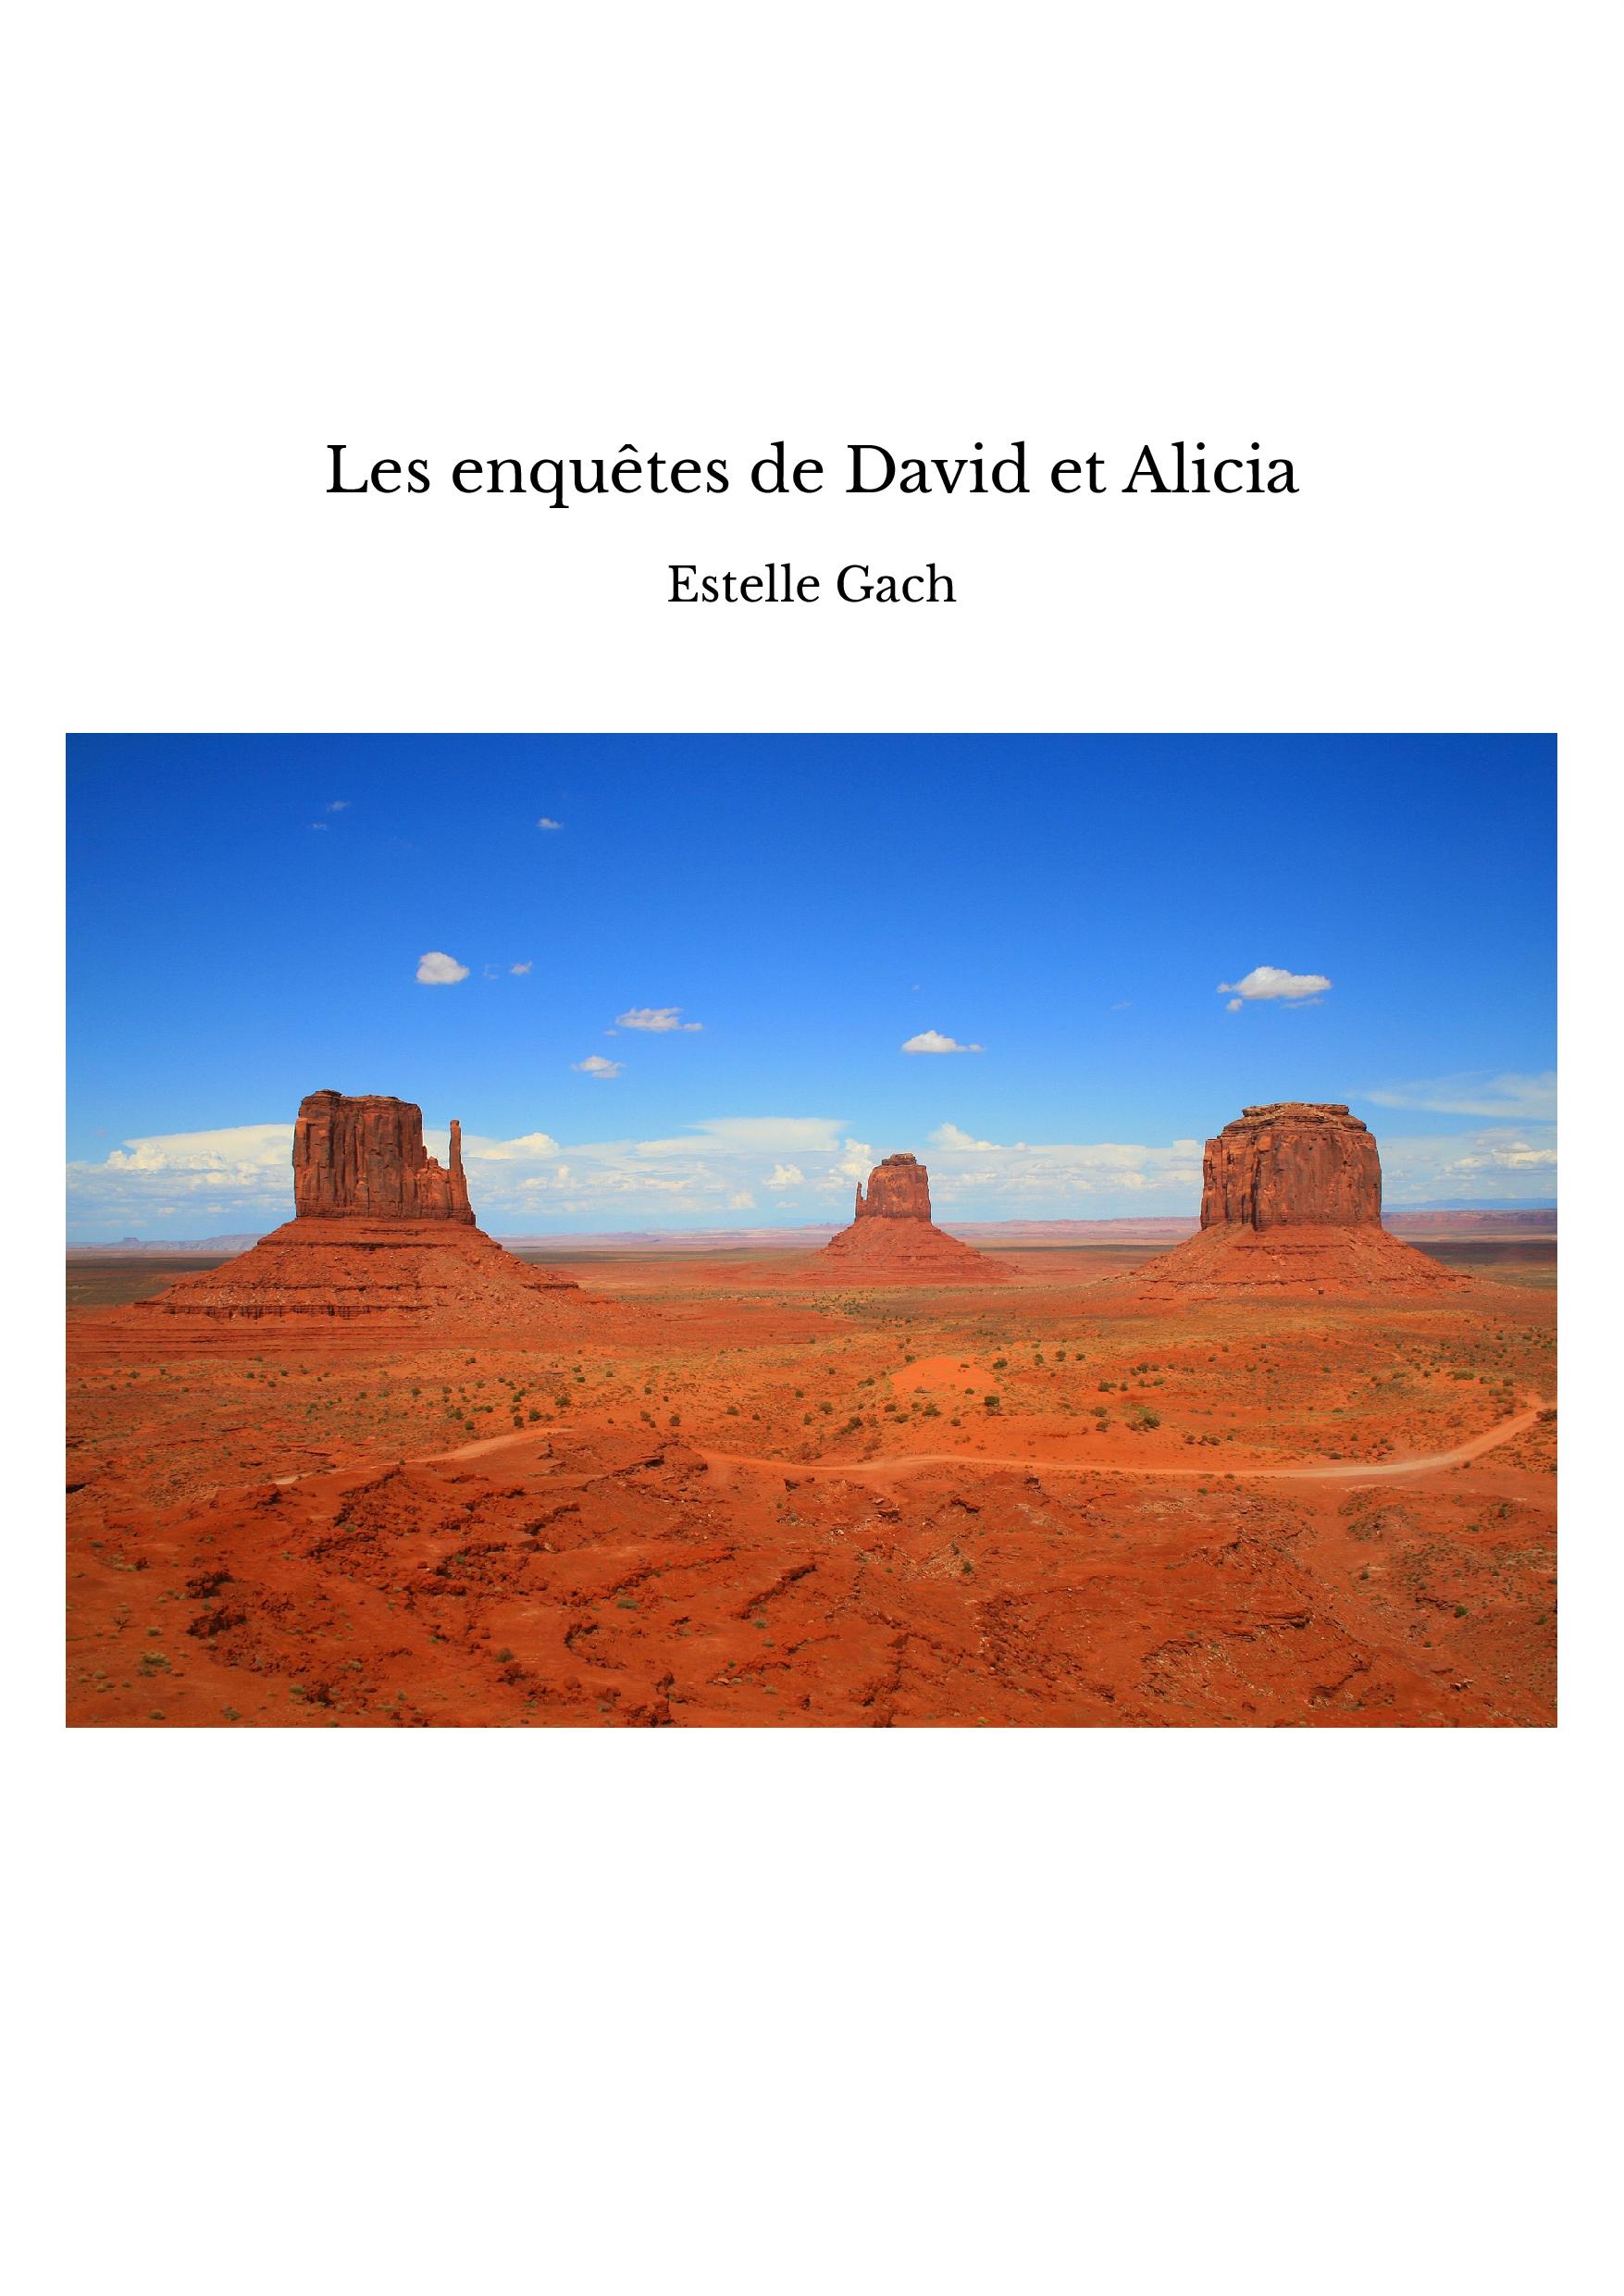 Les enquêtes de David et Alicia